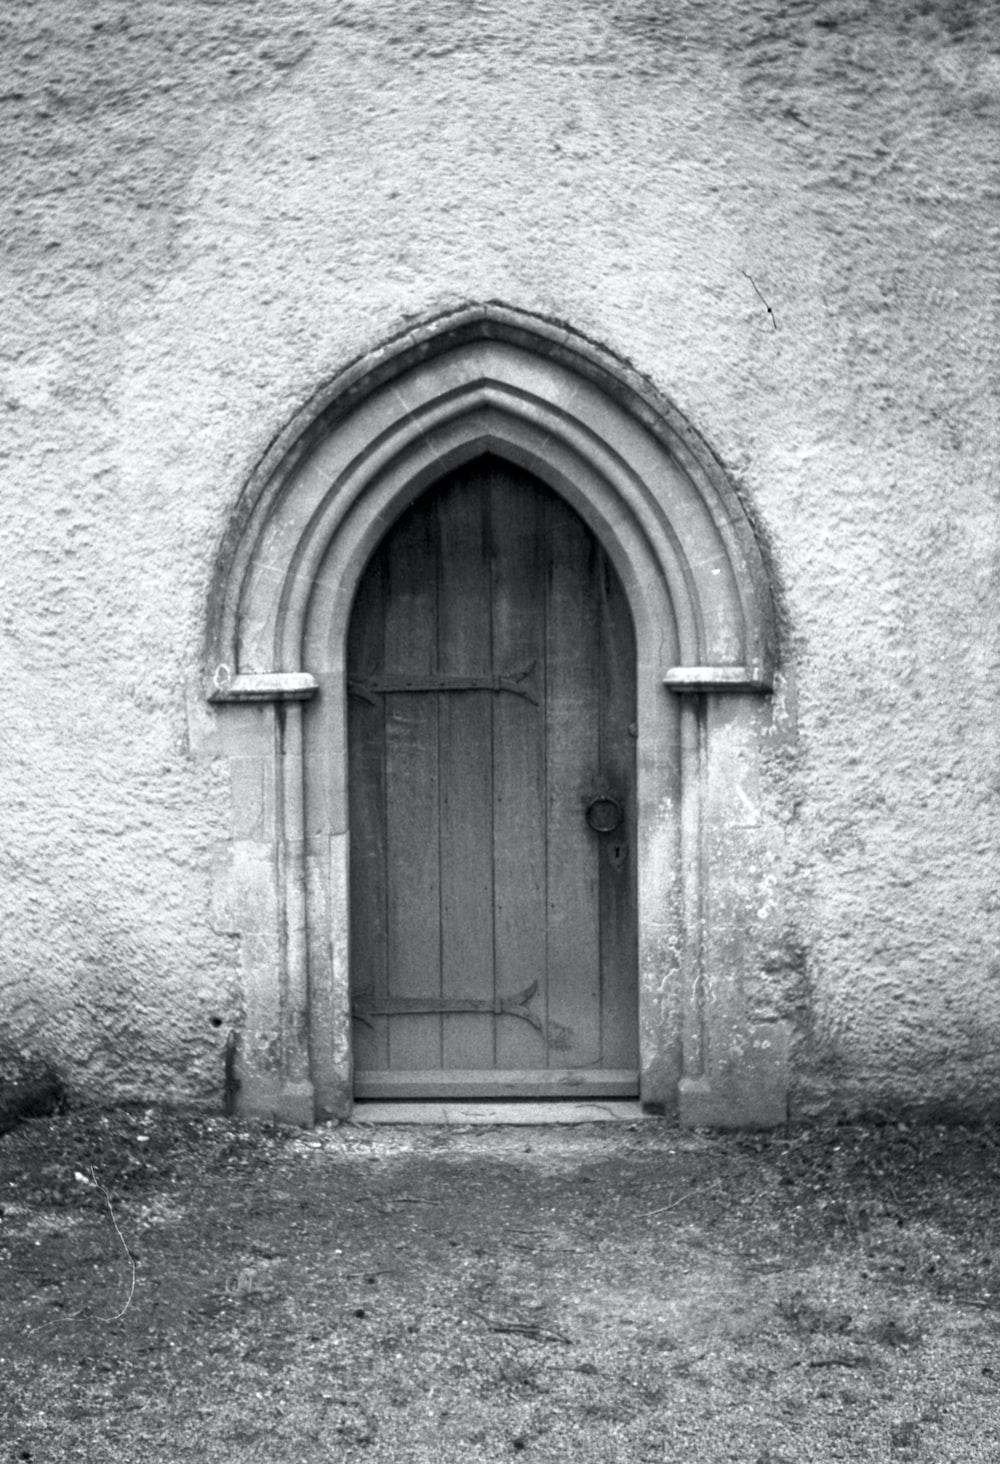 wooden door with concrete wall